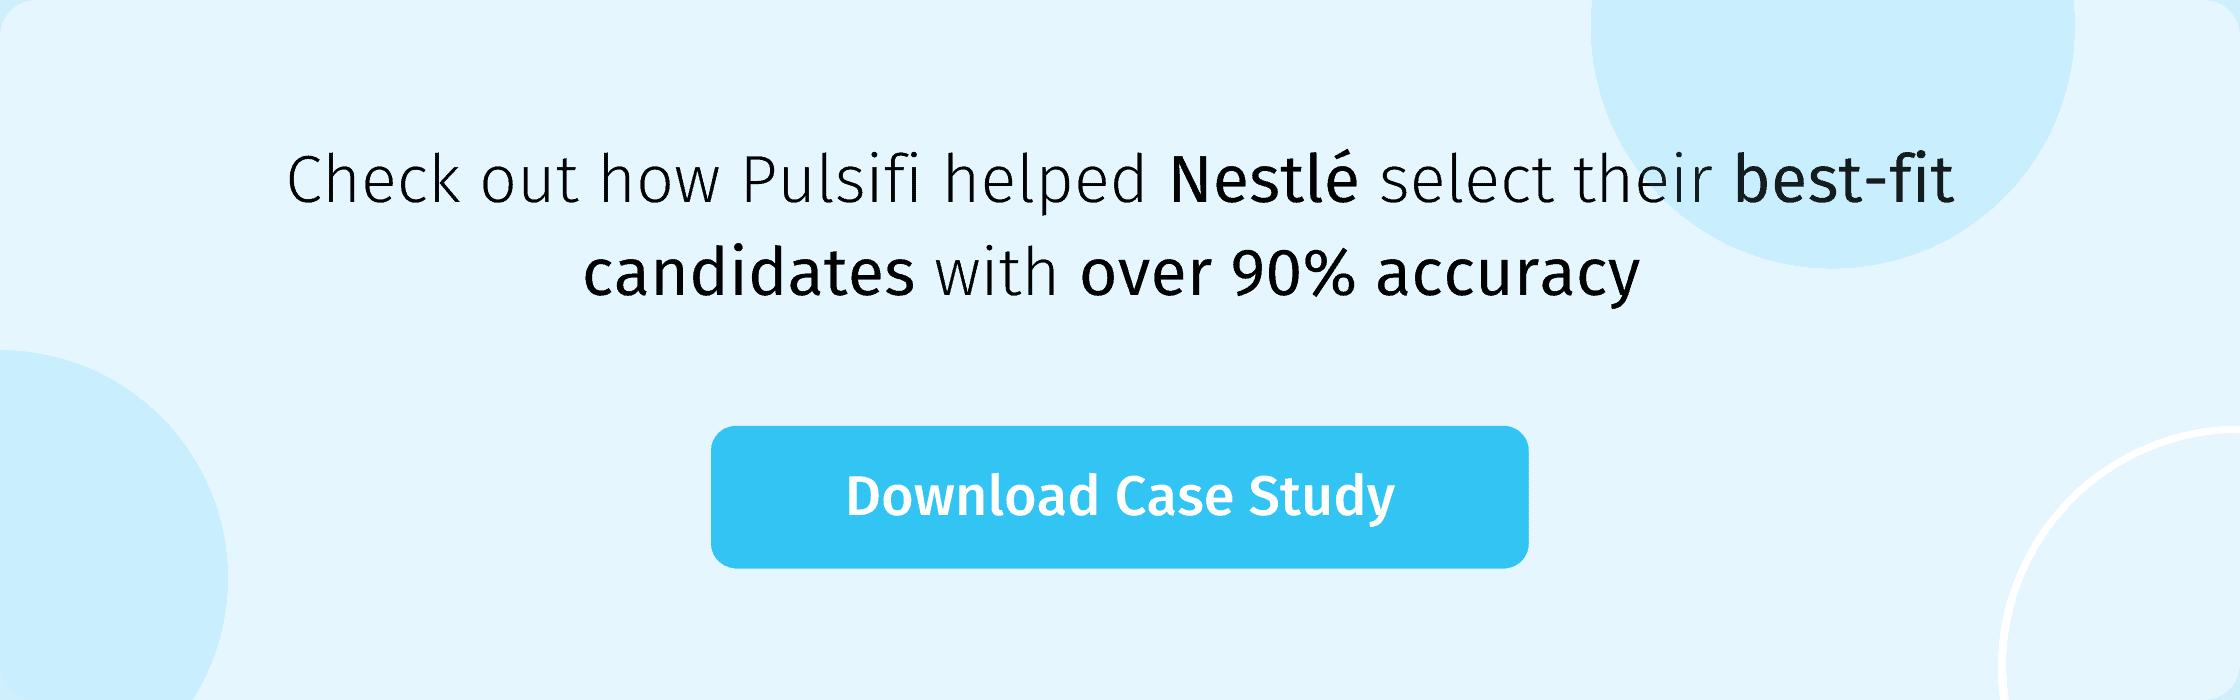 Nestlé Case Study Banner